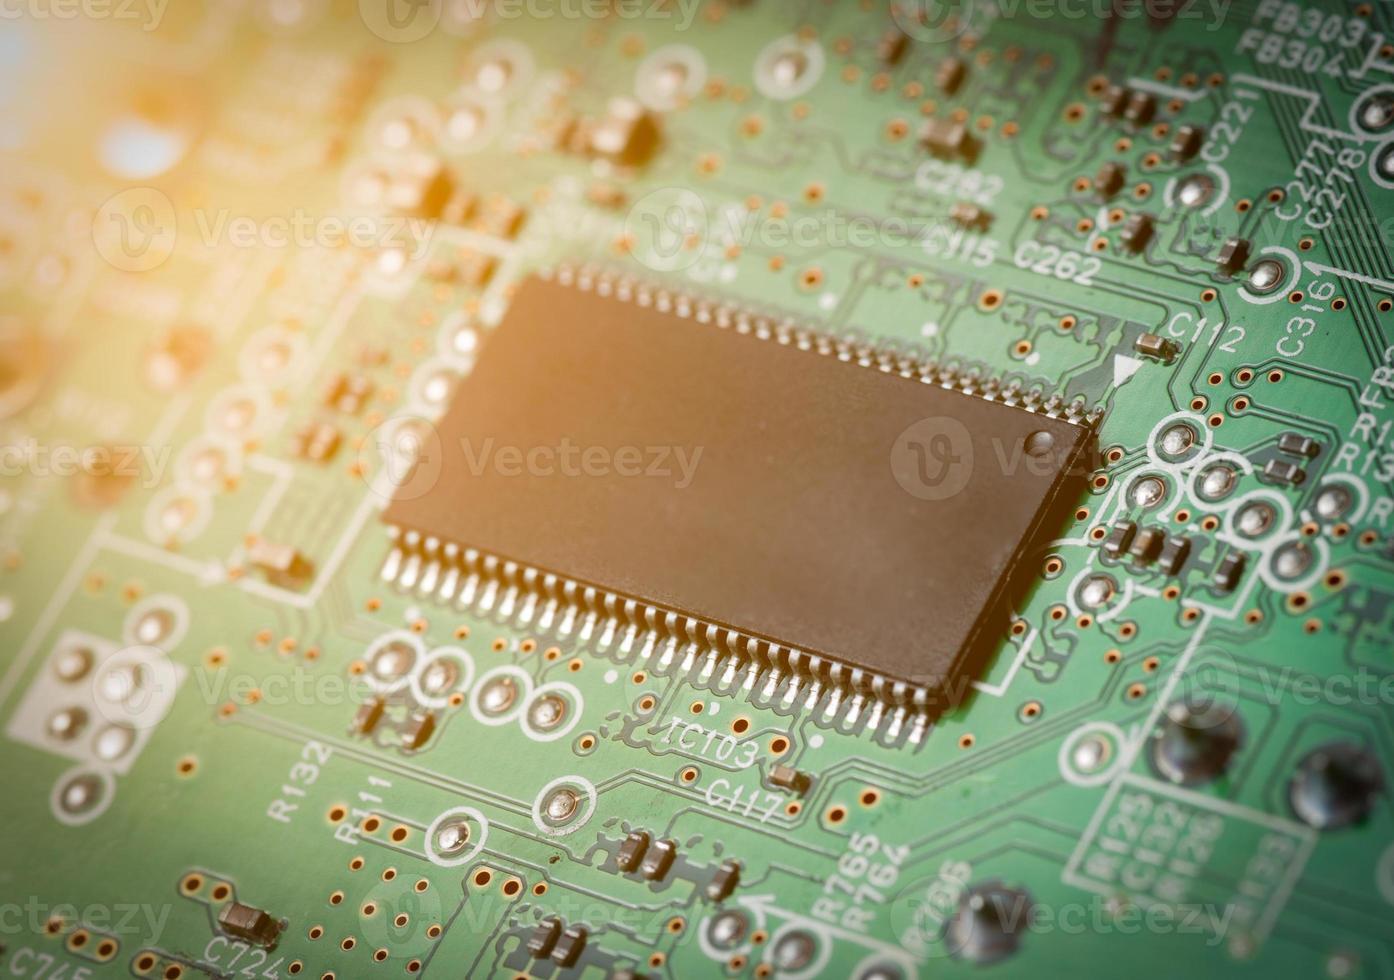 elektronisk krets för mönster och bakgrund. foto